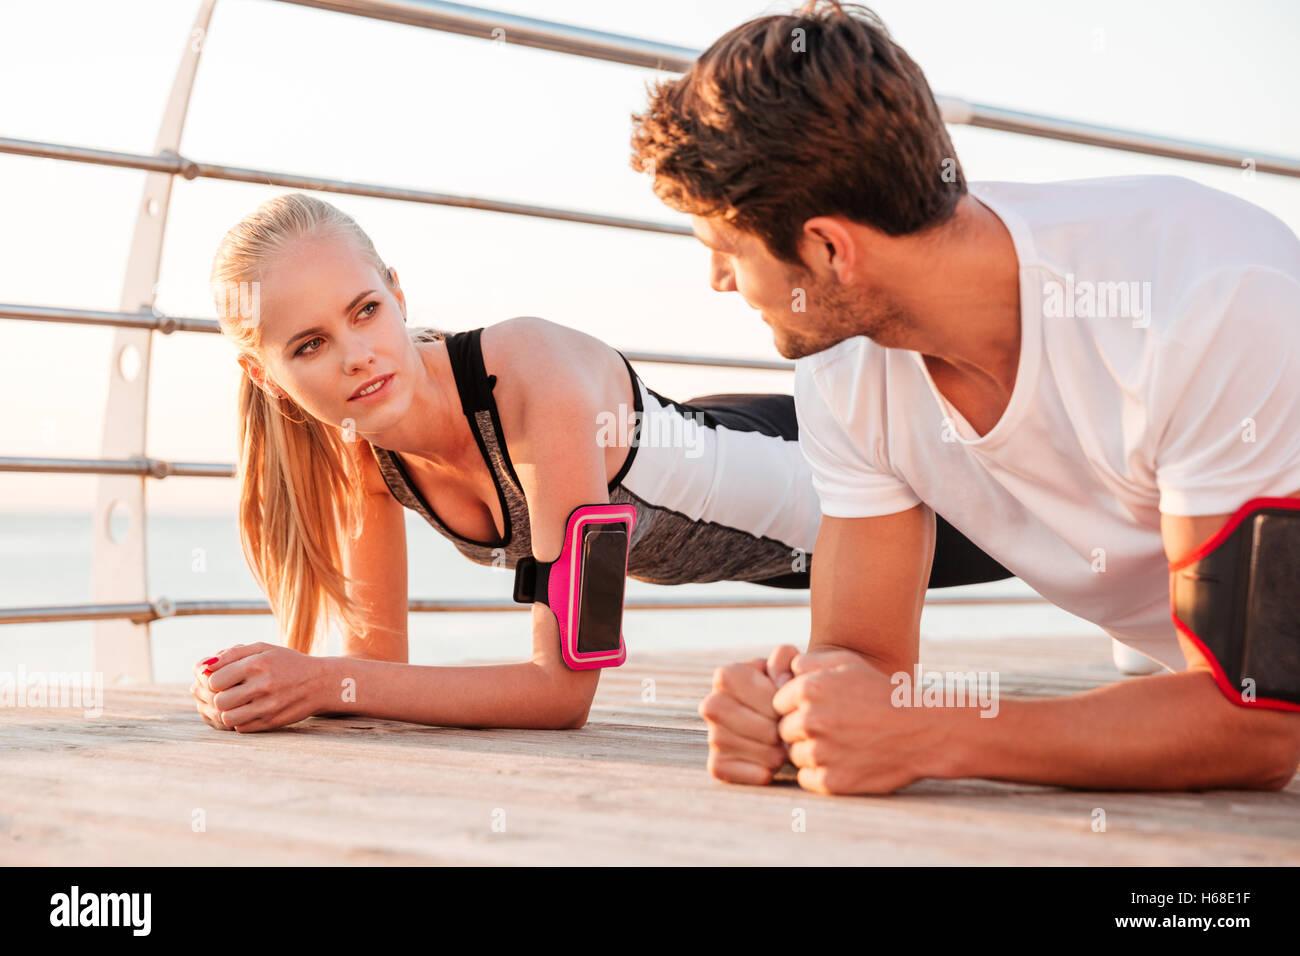 Cerca de una joven mujer y hombre haciendo gimnasia plank ejercicio juntos al aire libre en el muelle Imagen De Stock